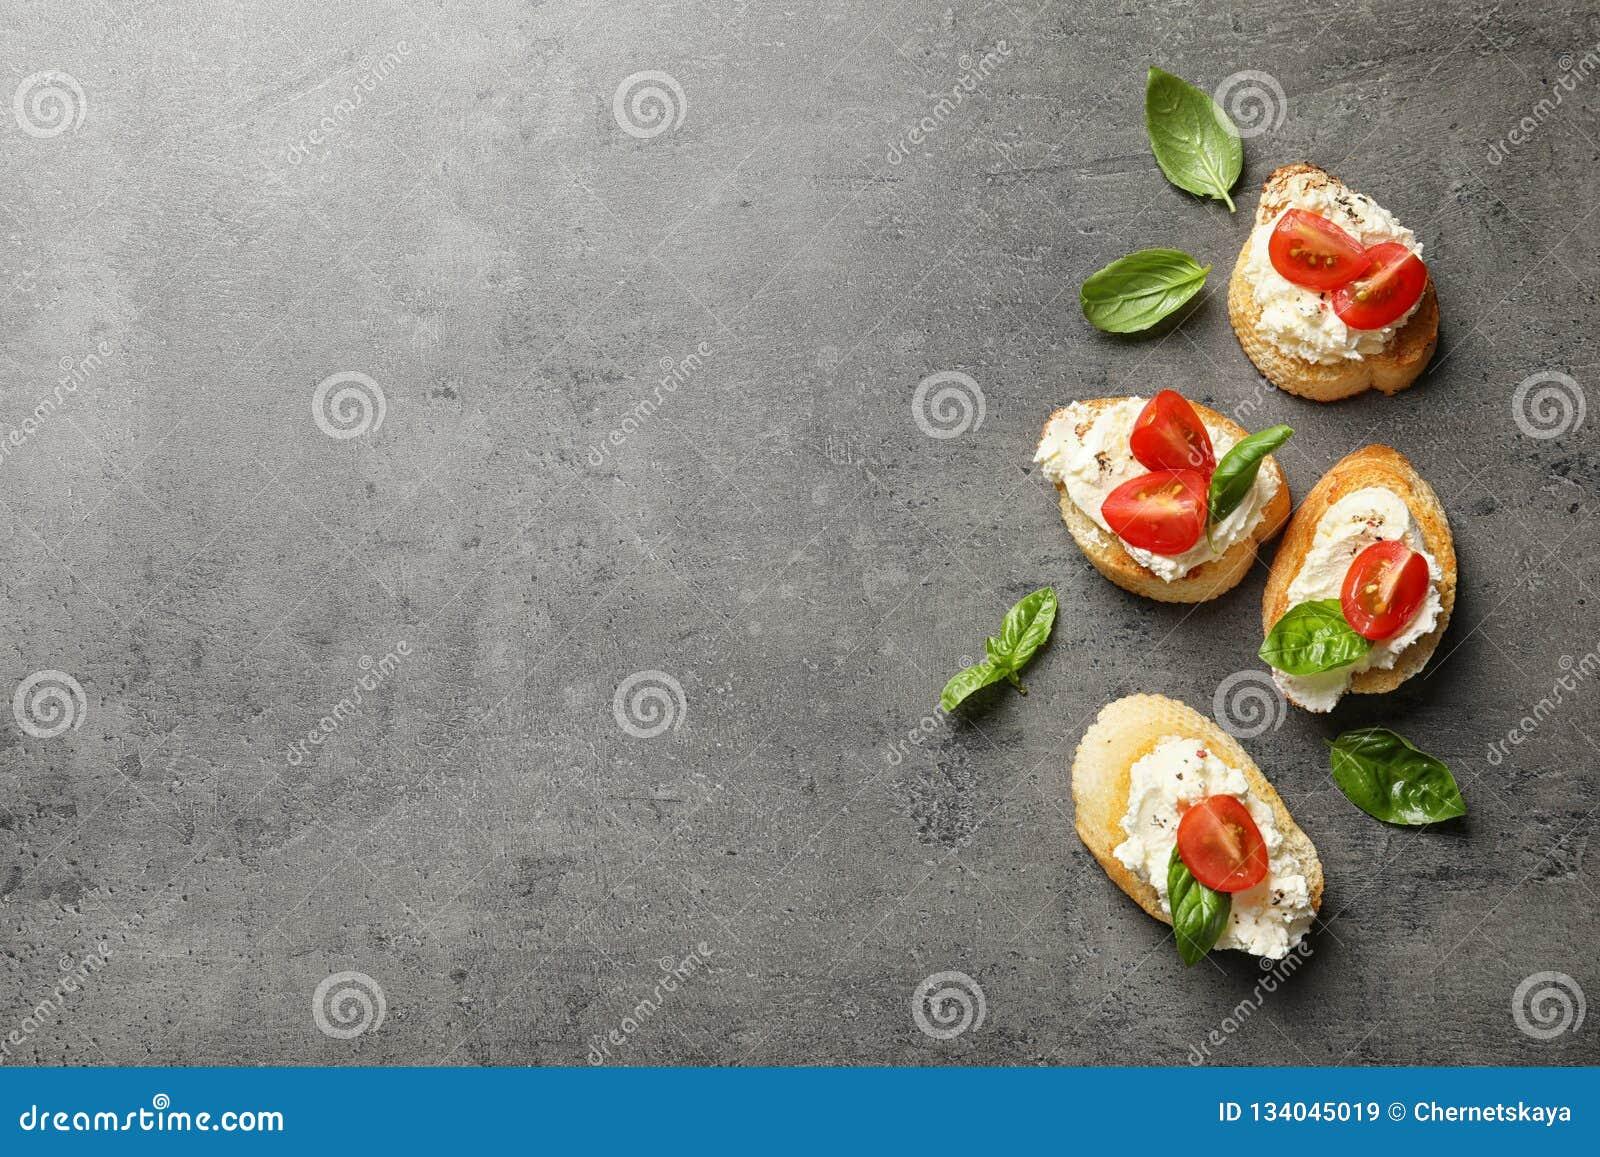 长方形宝石片断与鲜美奶油奶酪和蕃茄的在灰色桌,平的位置上